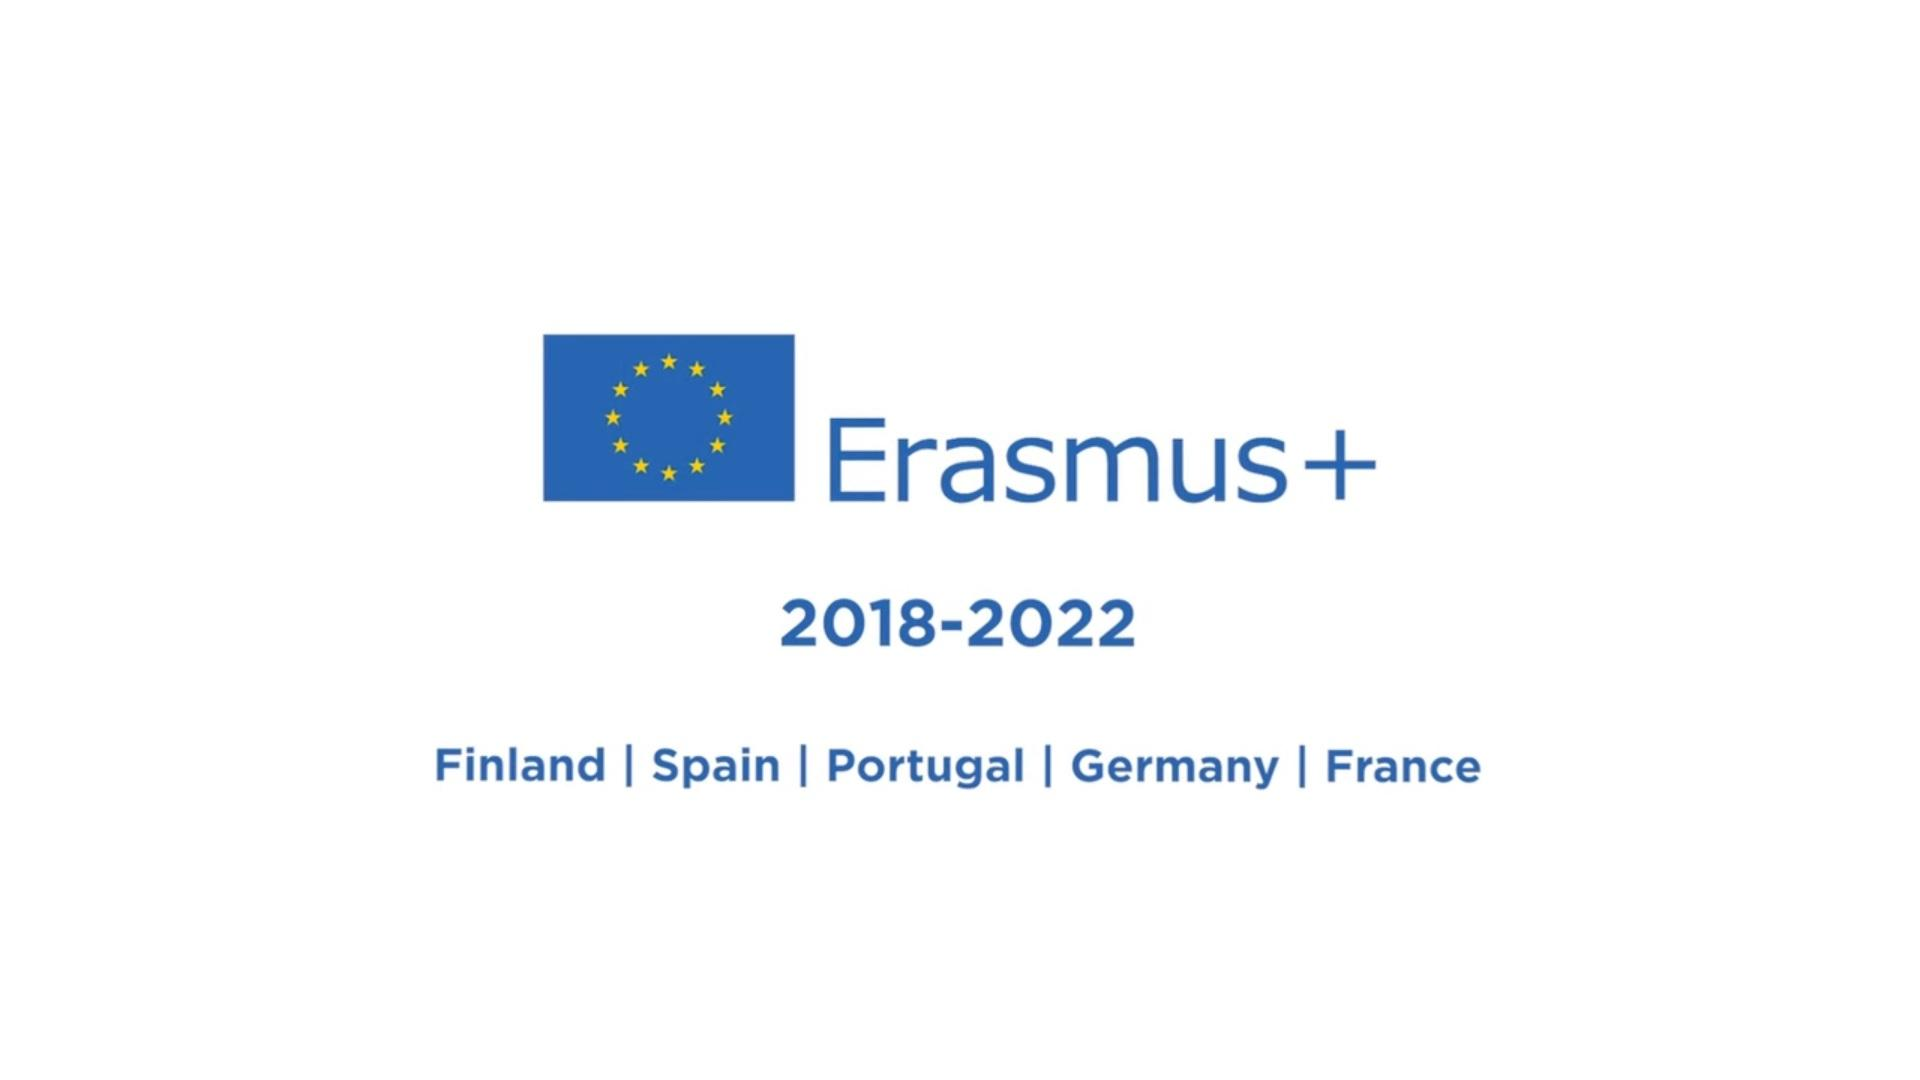 Erasmus+ Video